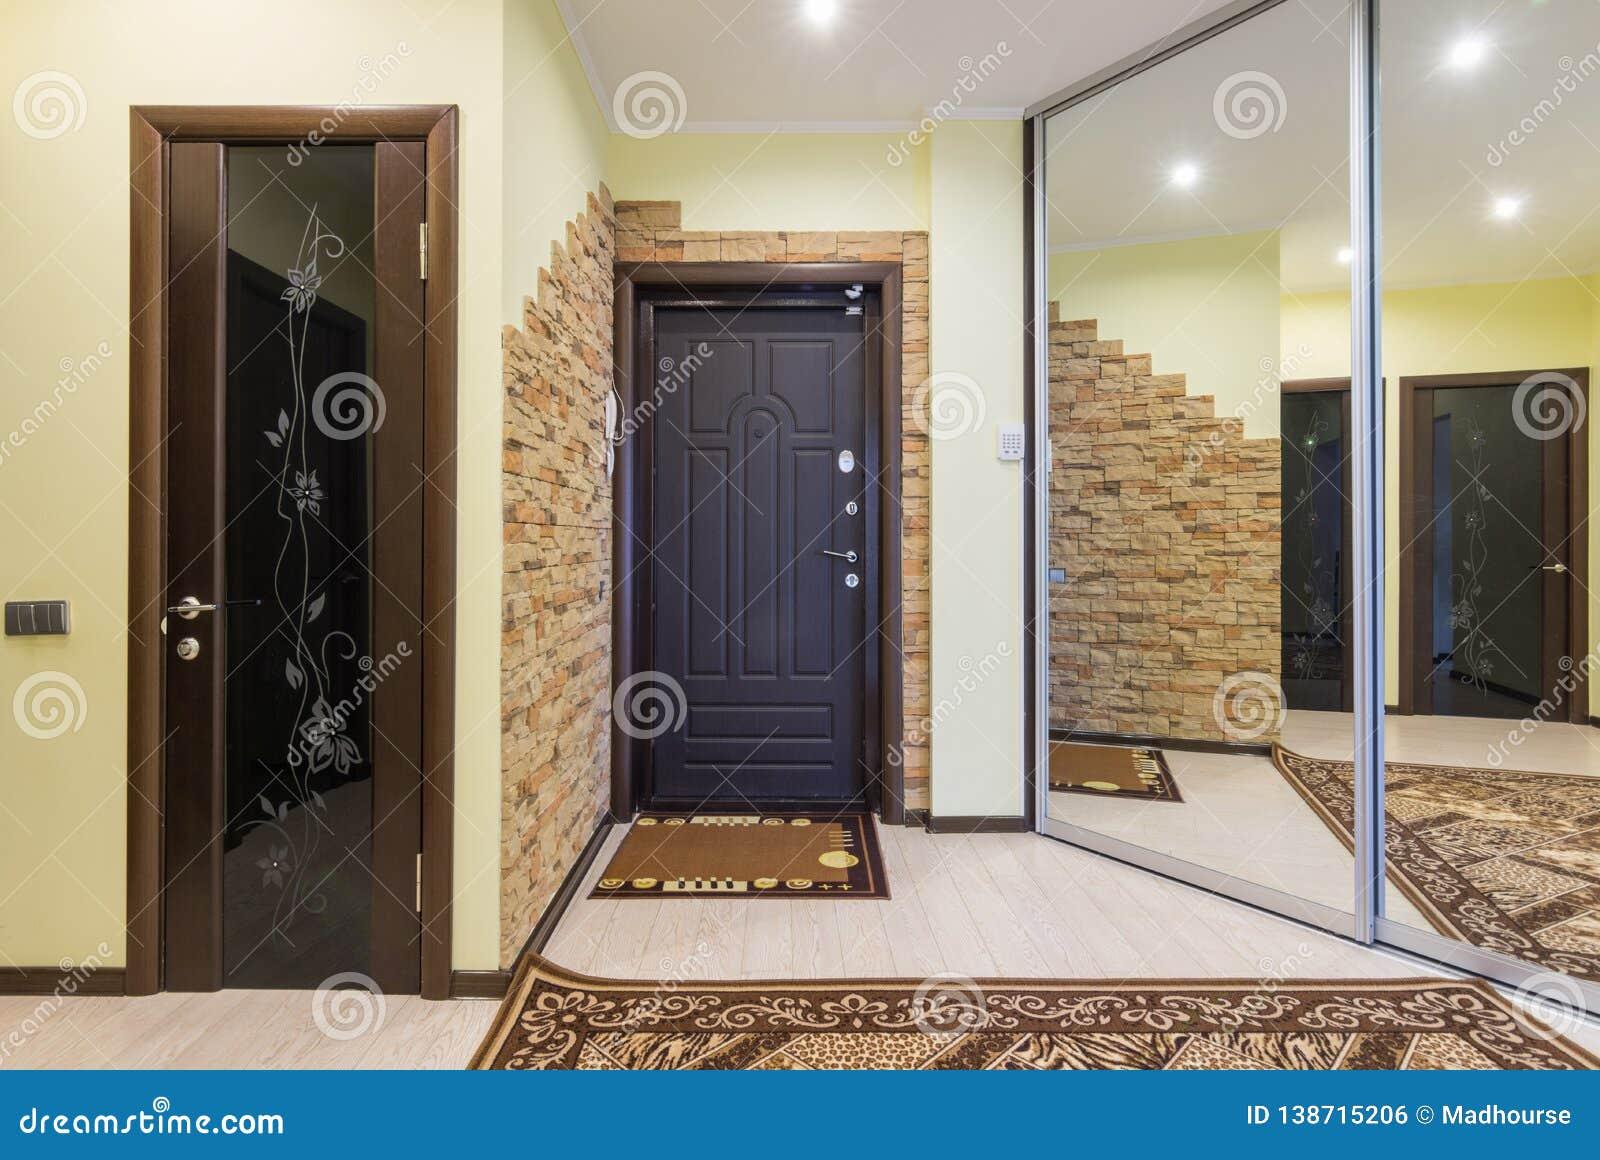 Hall d entrée spacieux dans l appartement avec la garde-robe intégrée et les miroirs